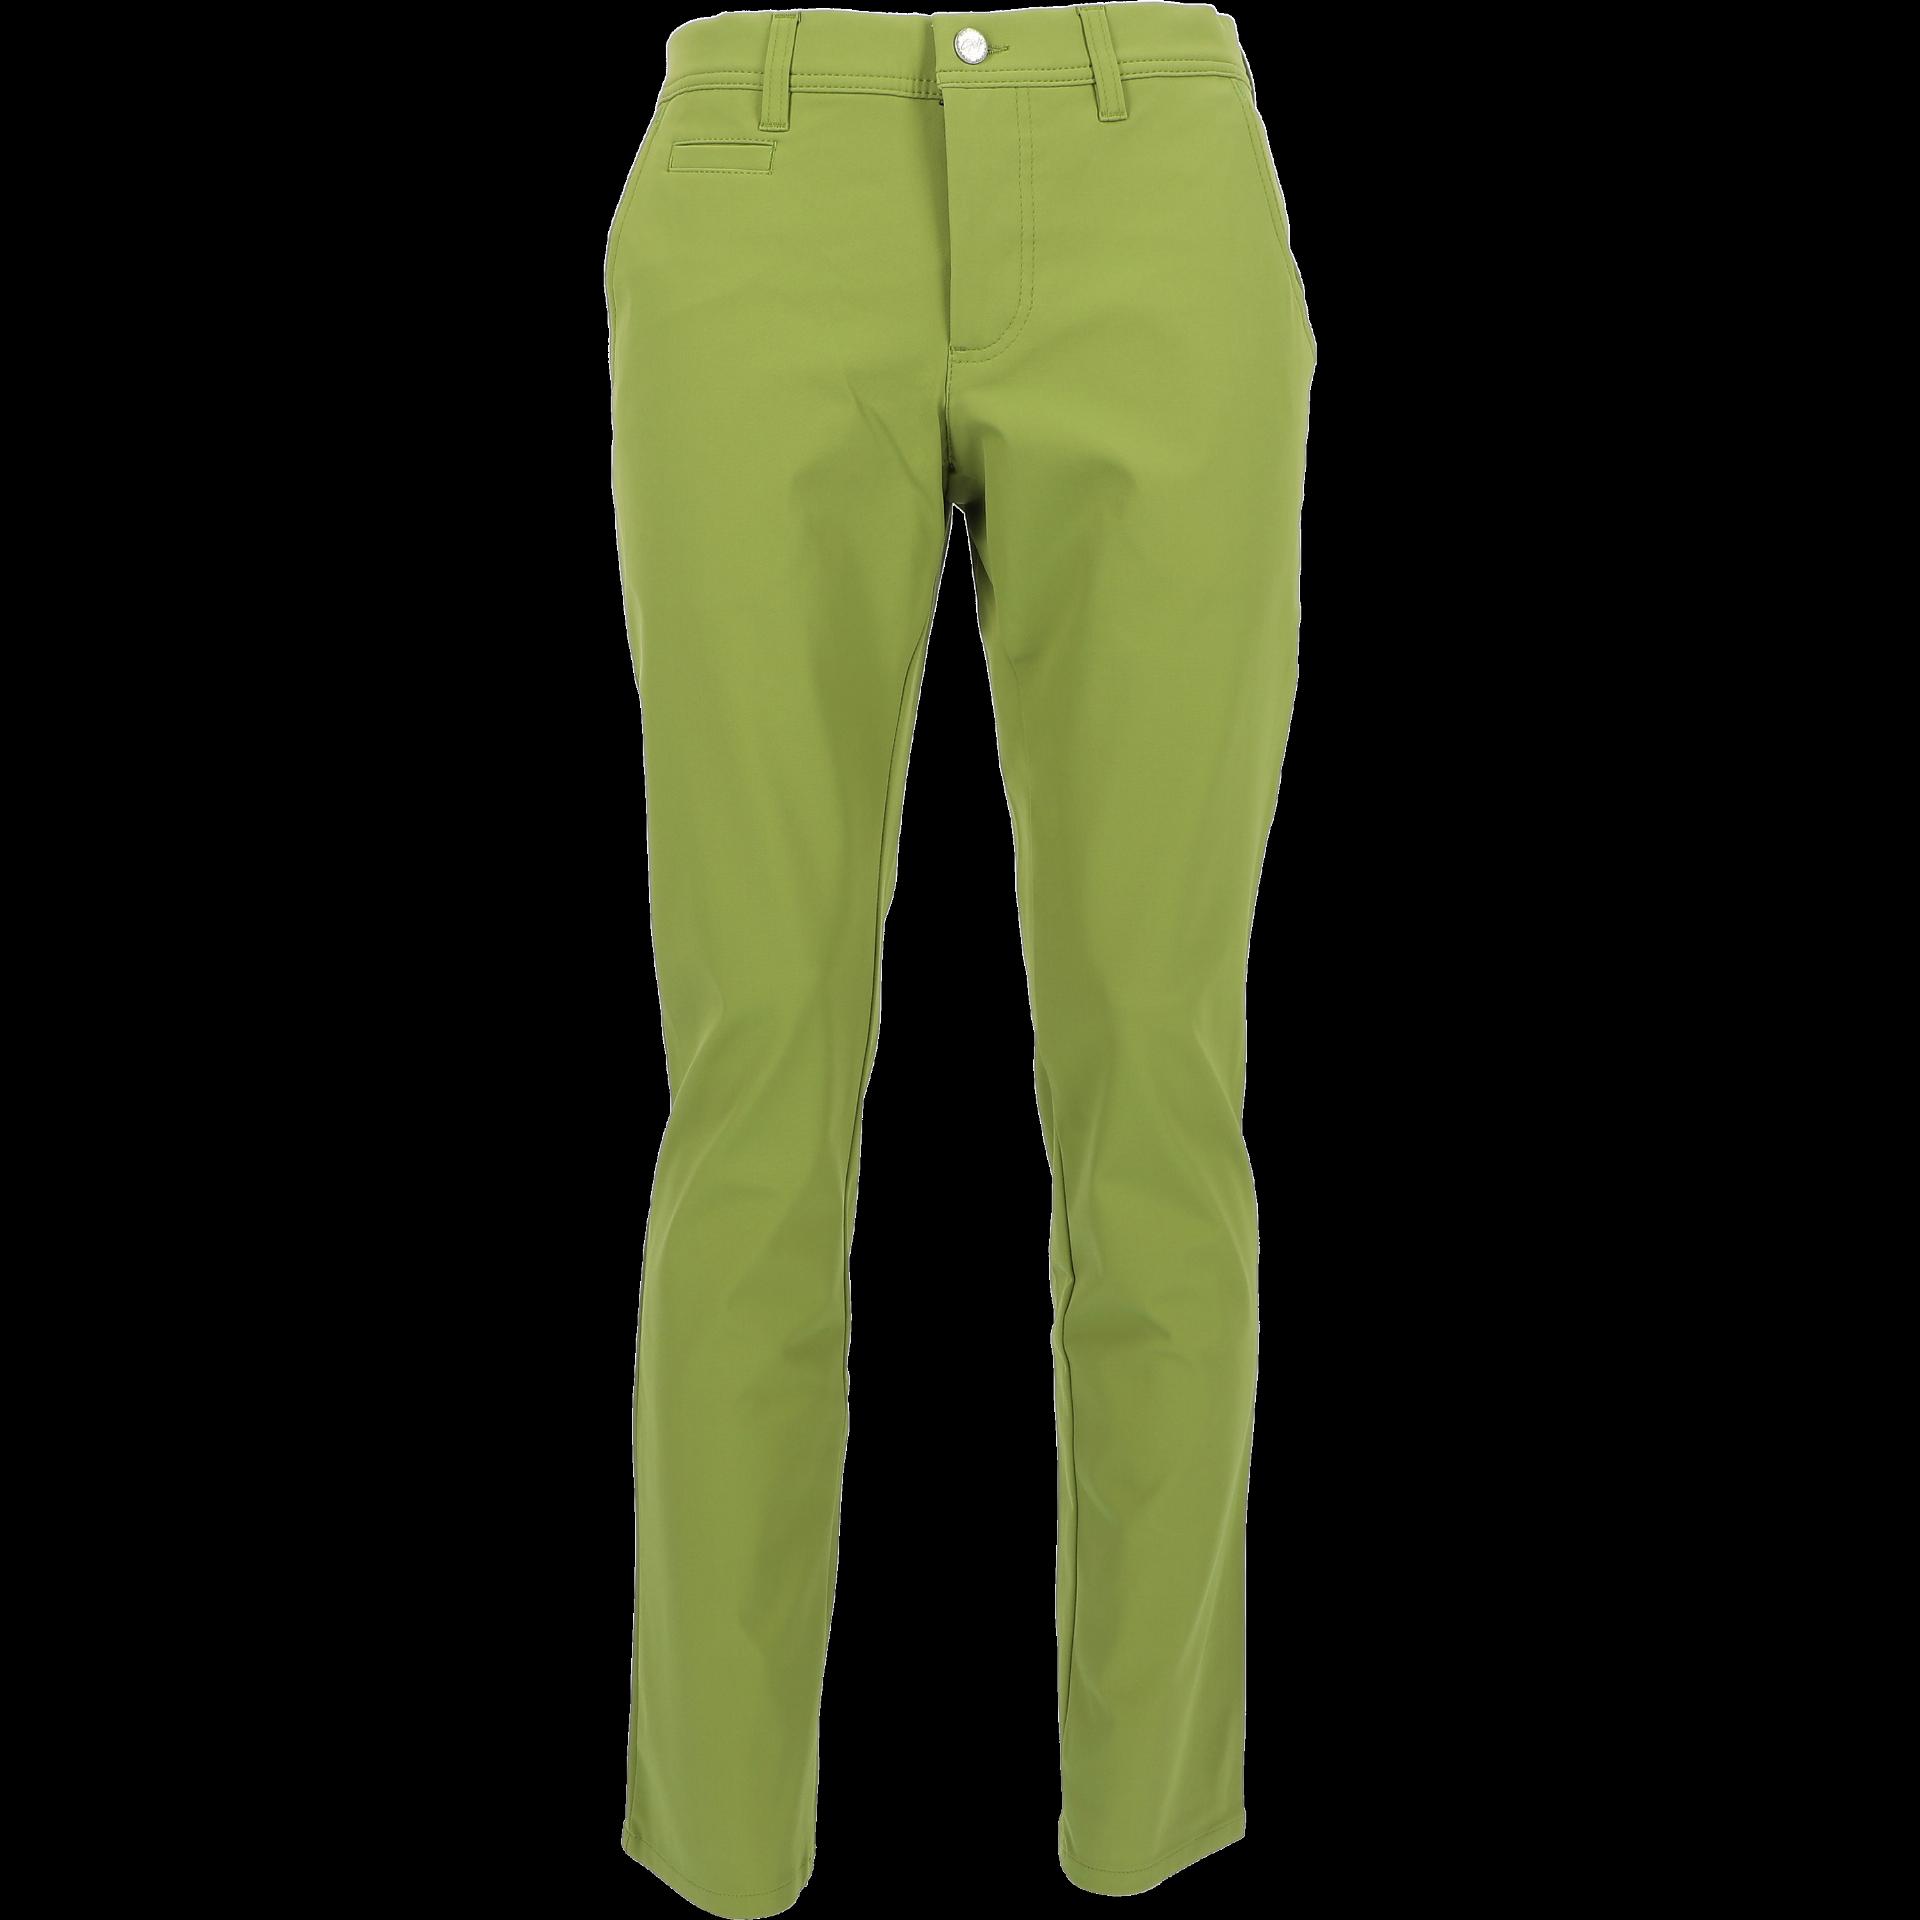 ROOKIE  Hose - 3xDRY Cooler, grün